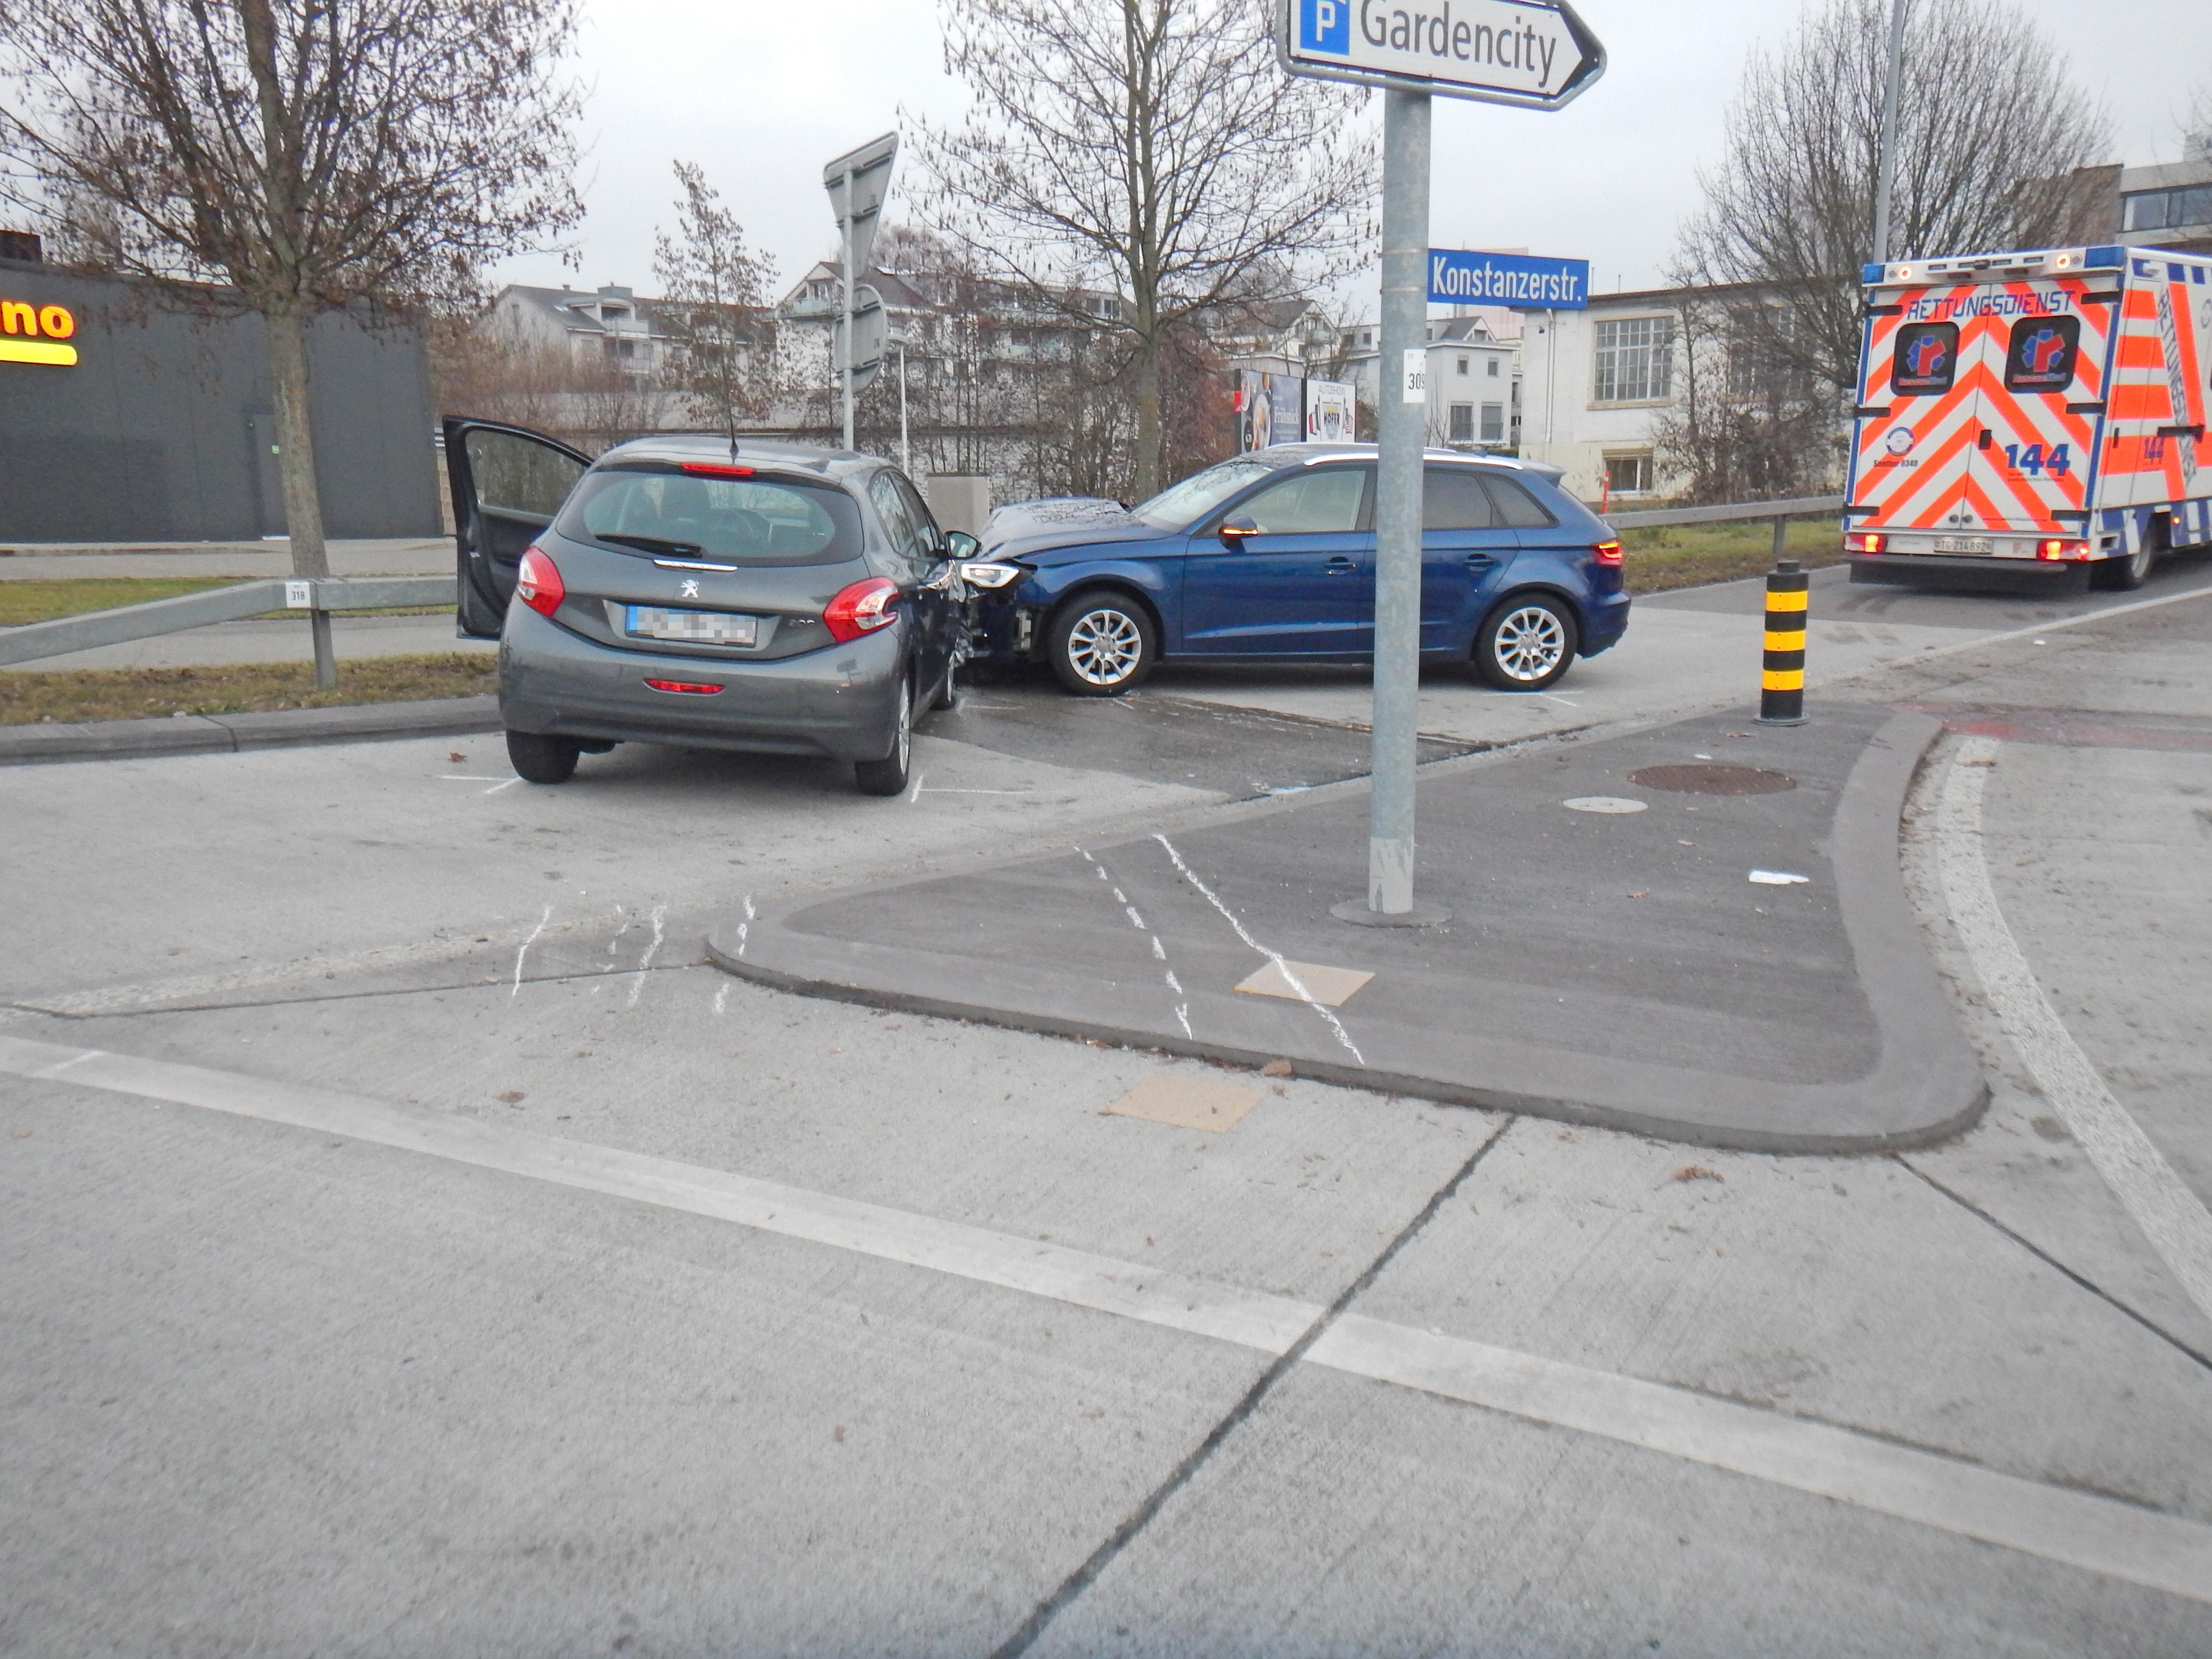 Zwei frontal kollidierte Fahrzeuge im Kreisel, im Hintergrund der Rettungsdienst.